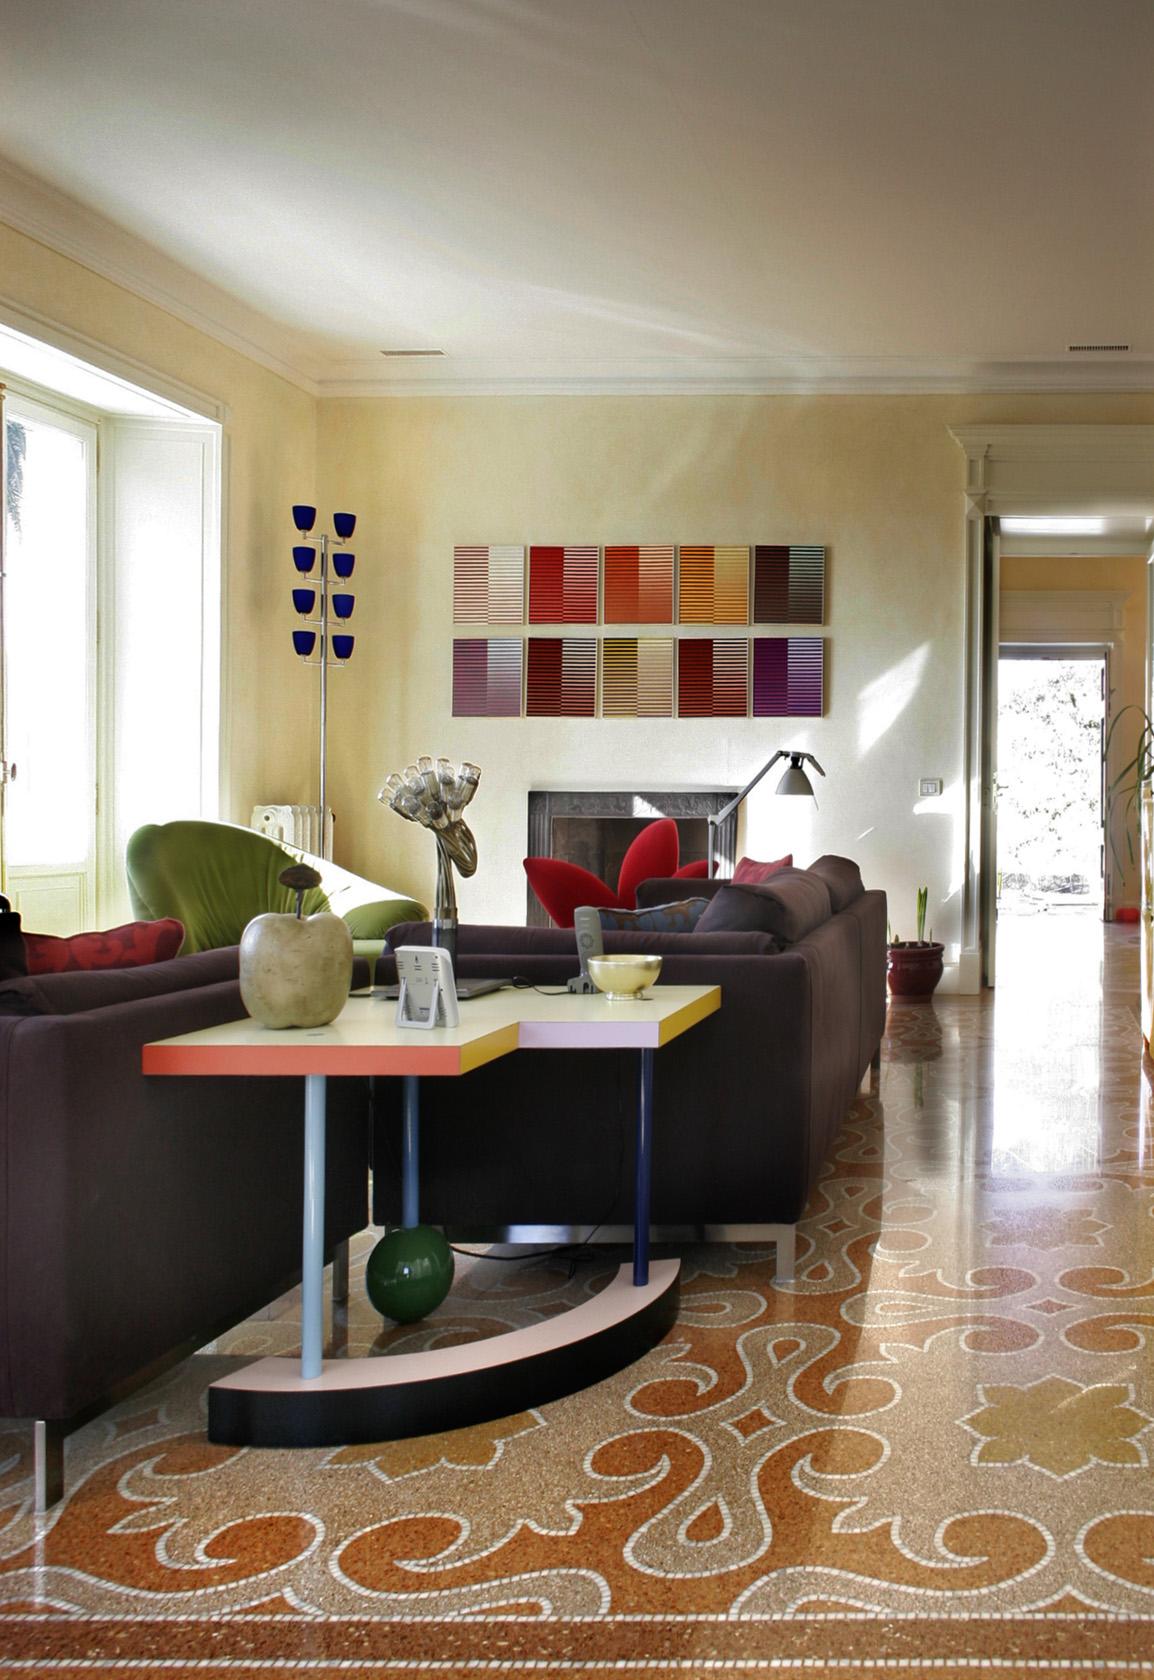 100+ [ Arredamento Moderno In Una Villa ]  Arredamenti Interni Moderni Villa A Madrid Con ...